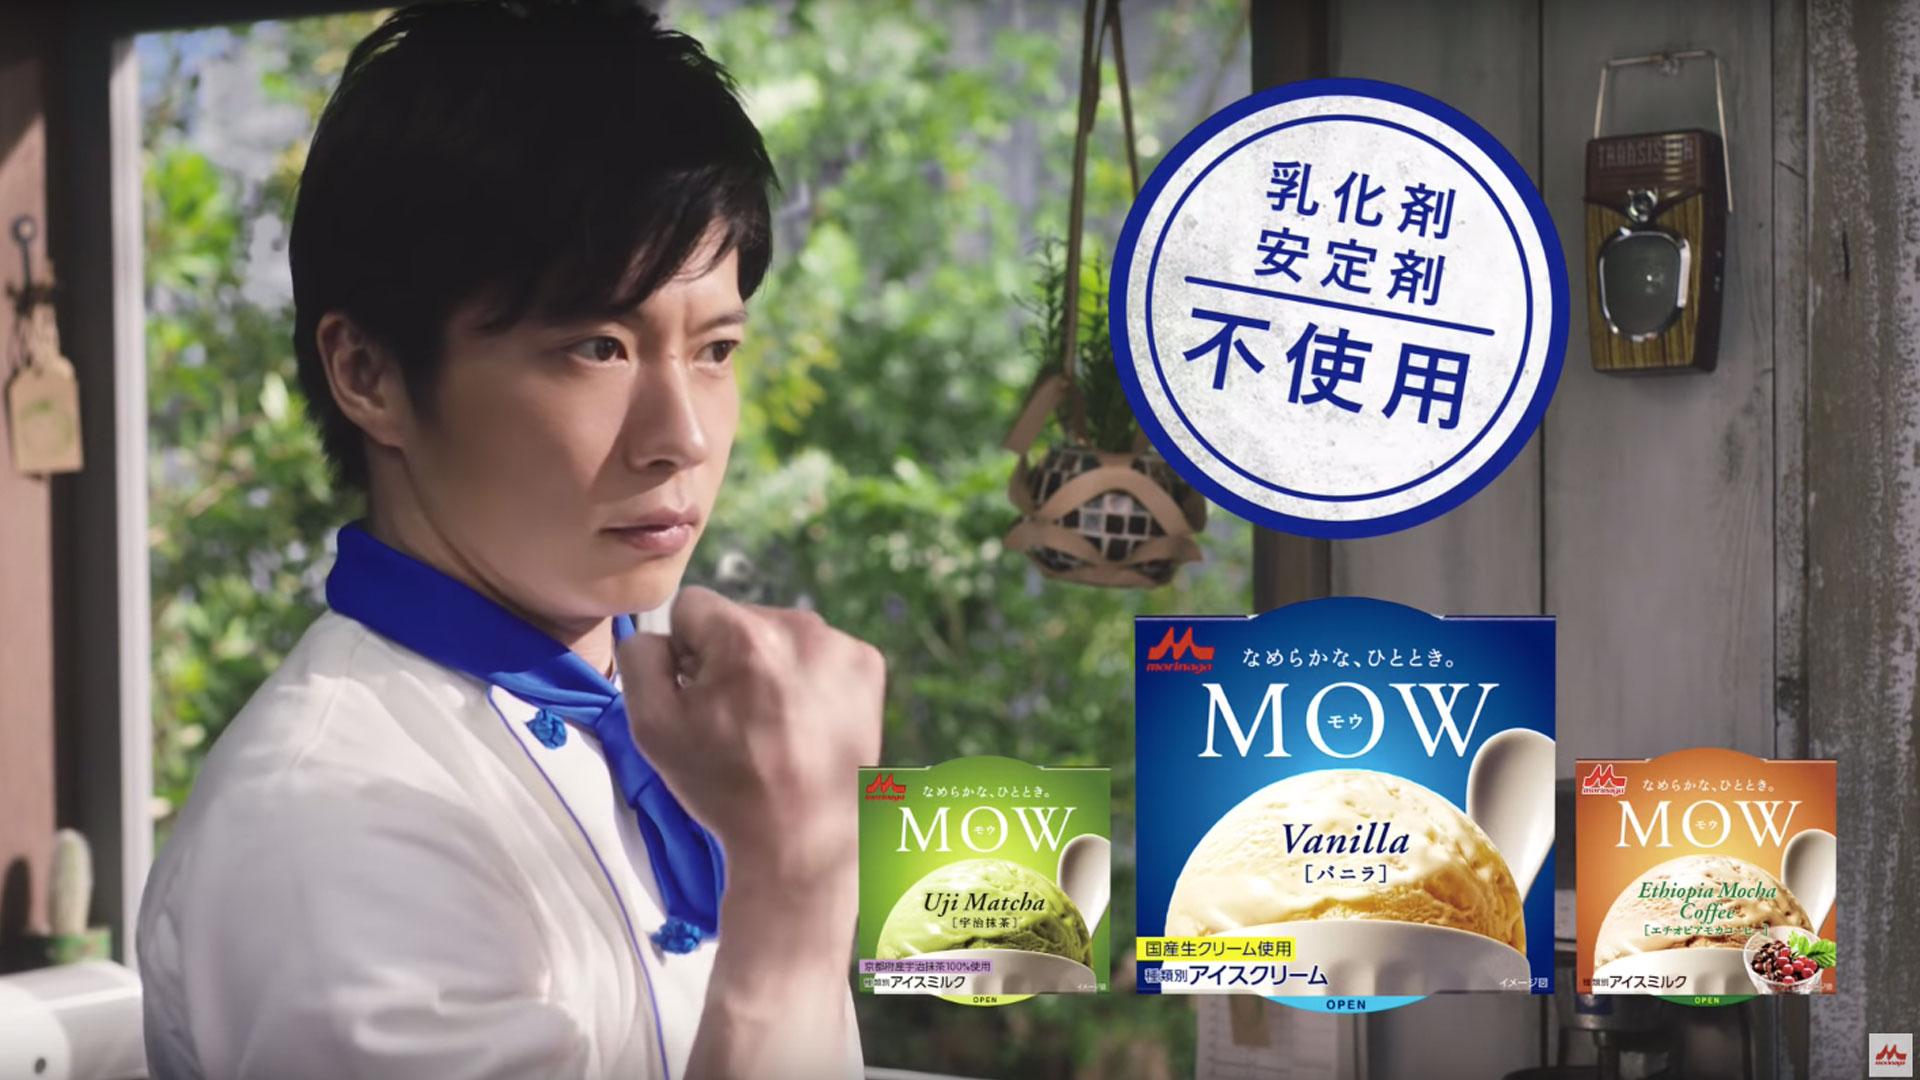 【カップアイス「MOW」新CMに田中圭が出演】他、新着トレンド3月26日